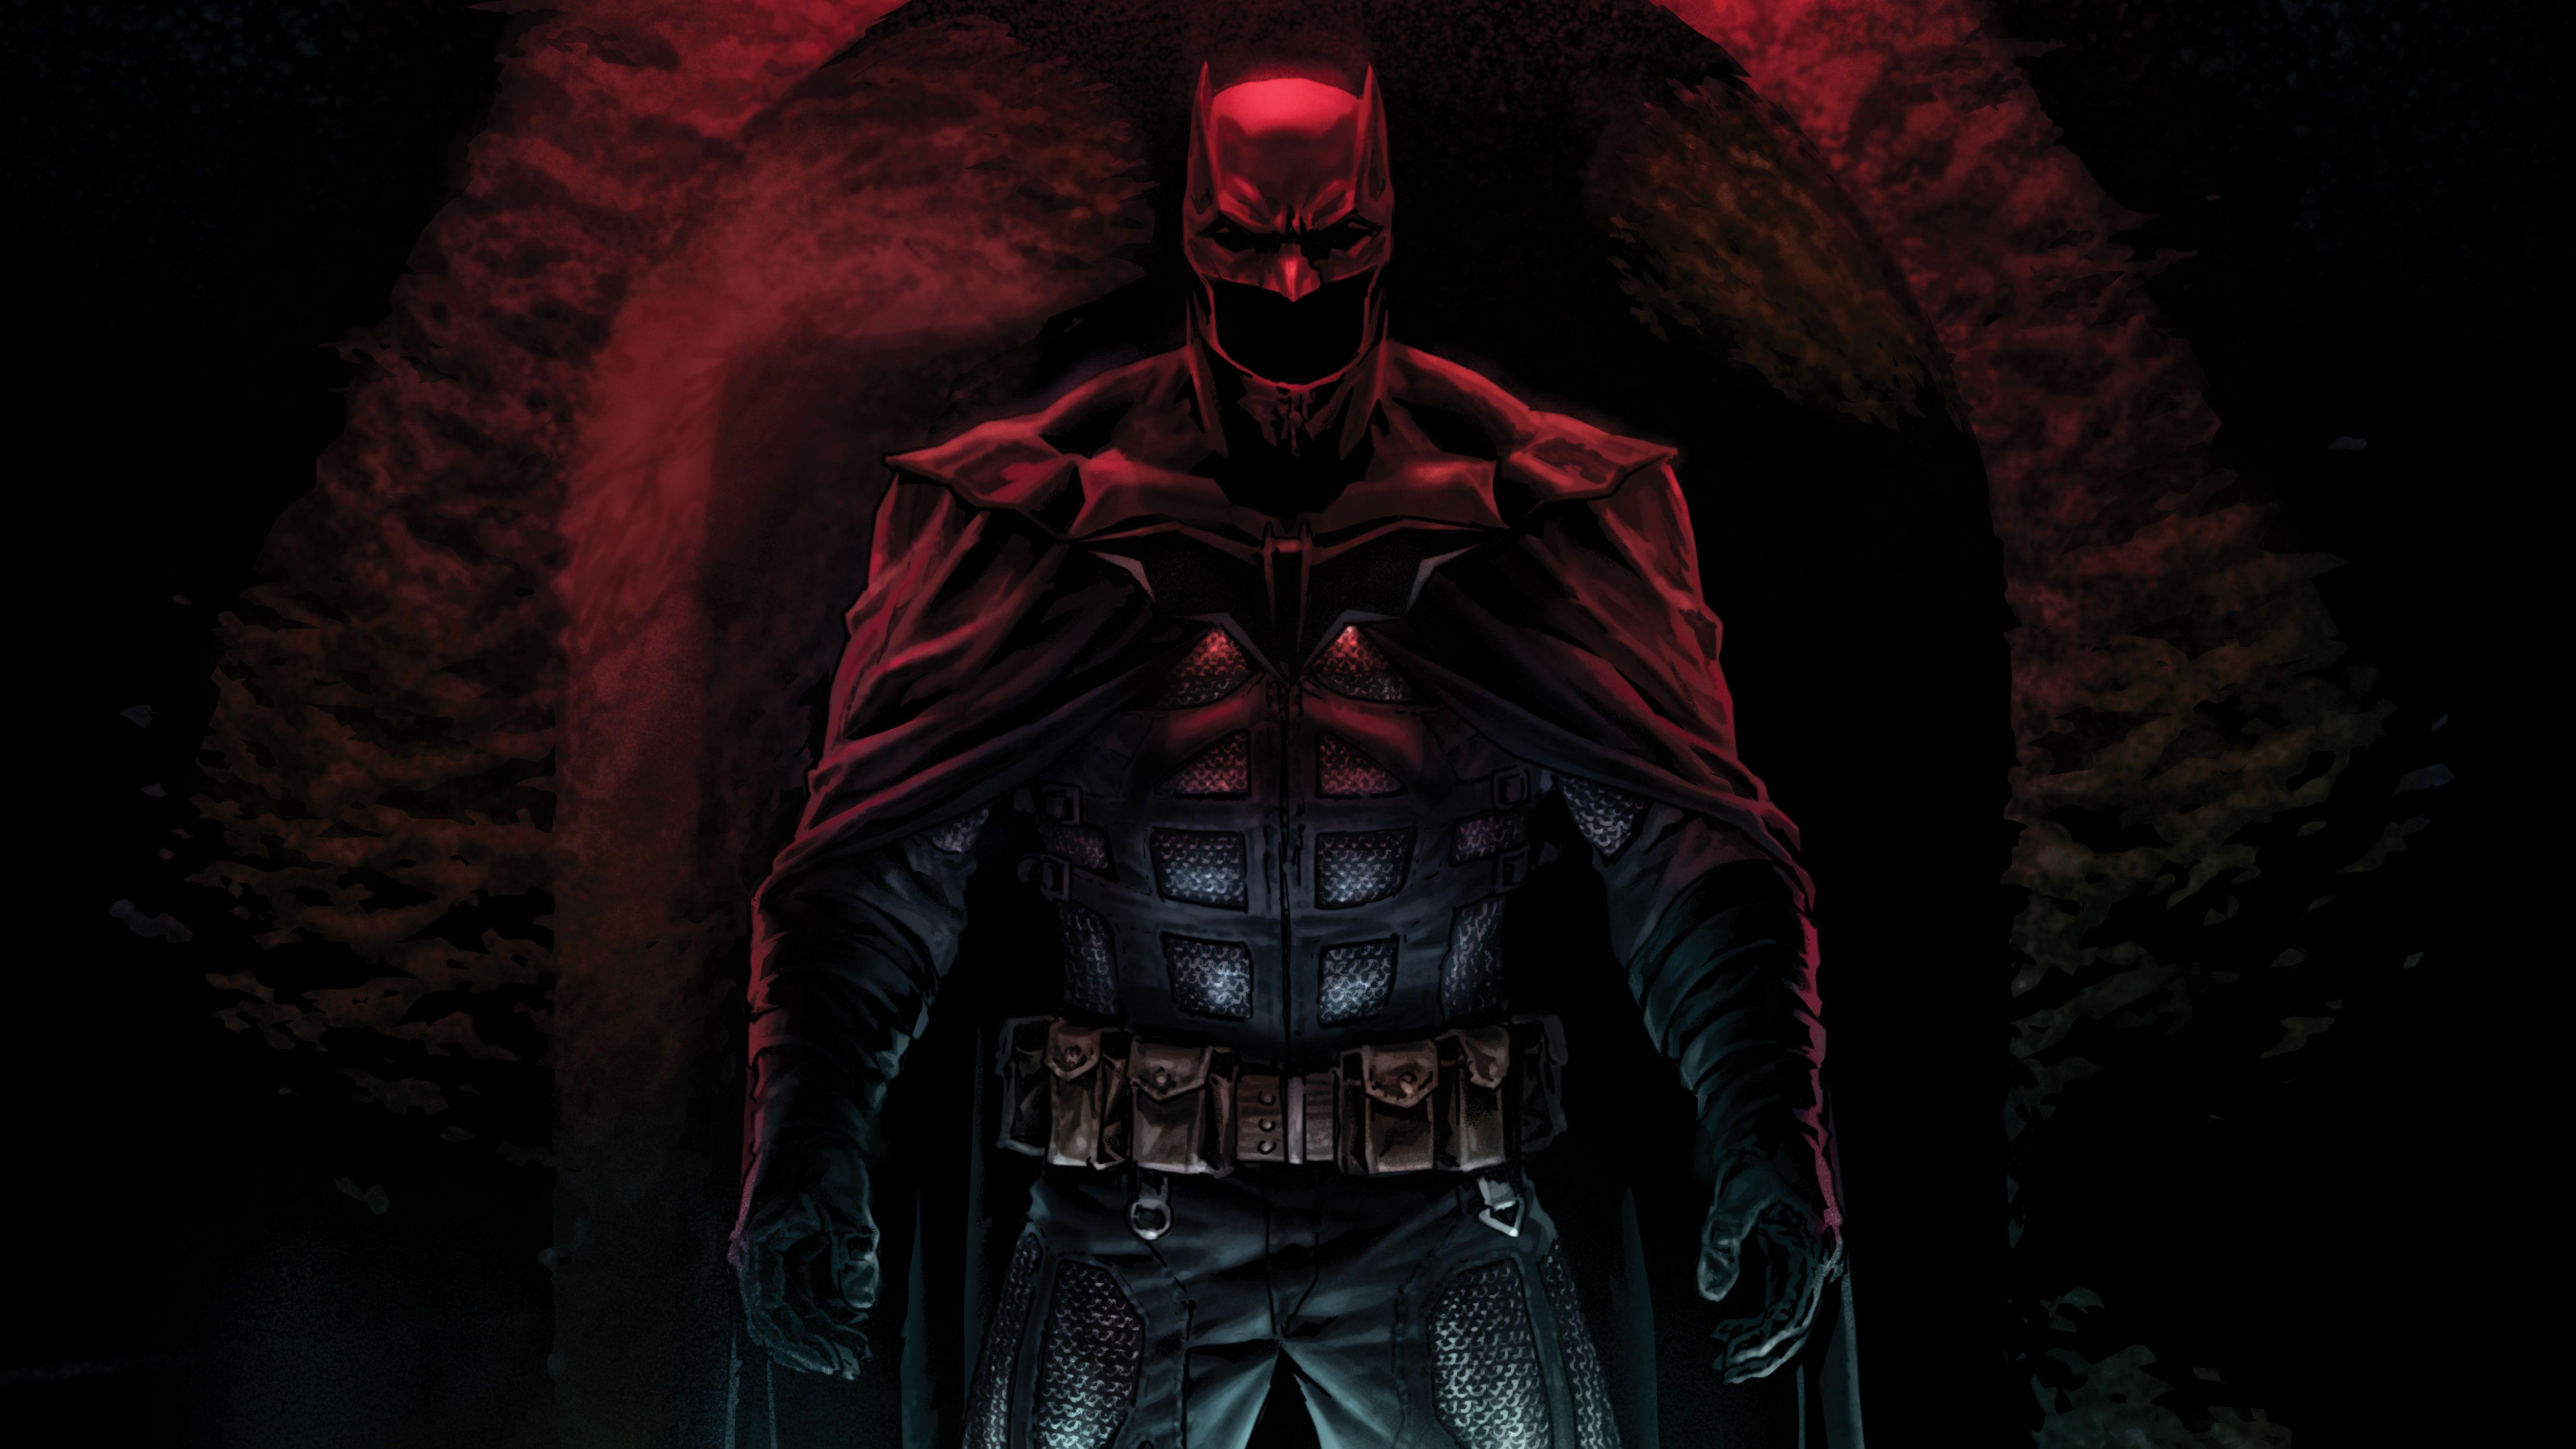 batman hd 4k 5k artwork superheroes digital art art